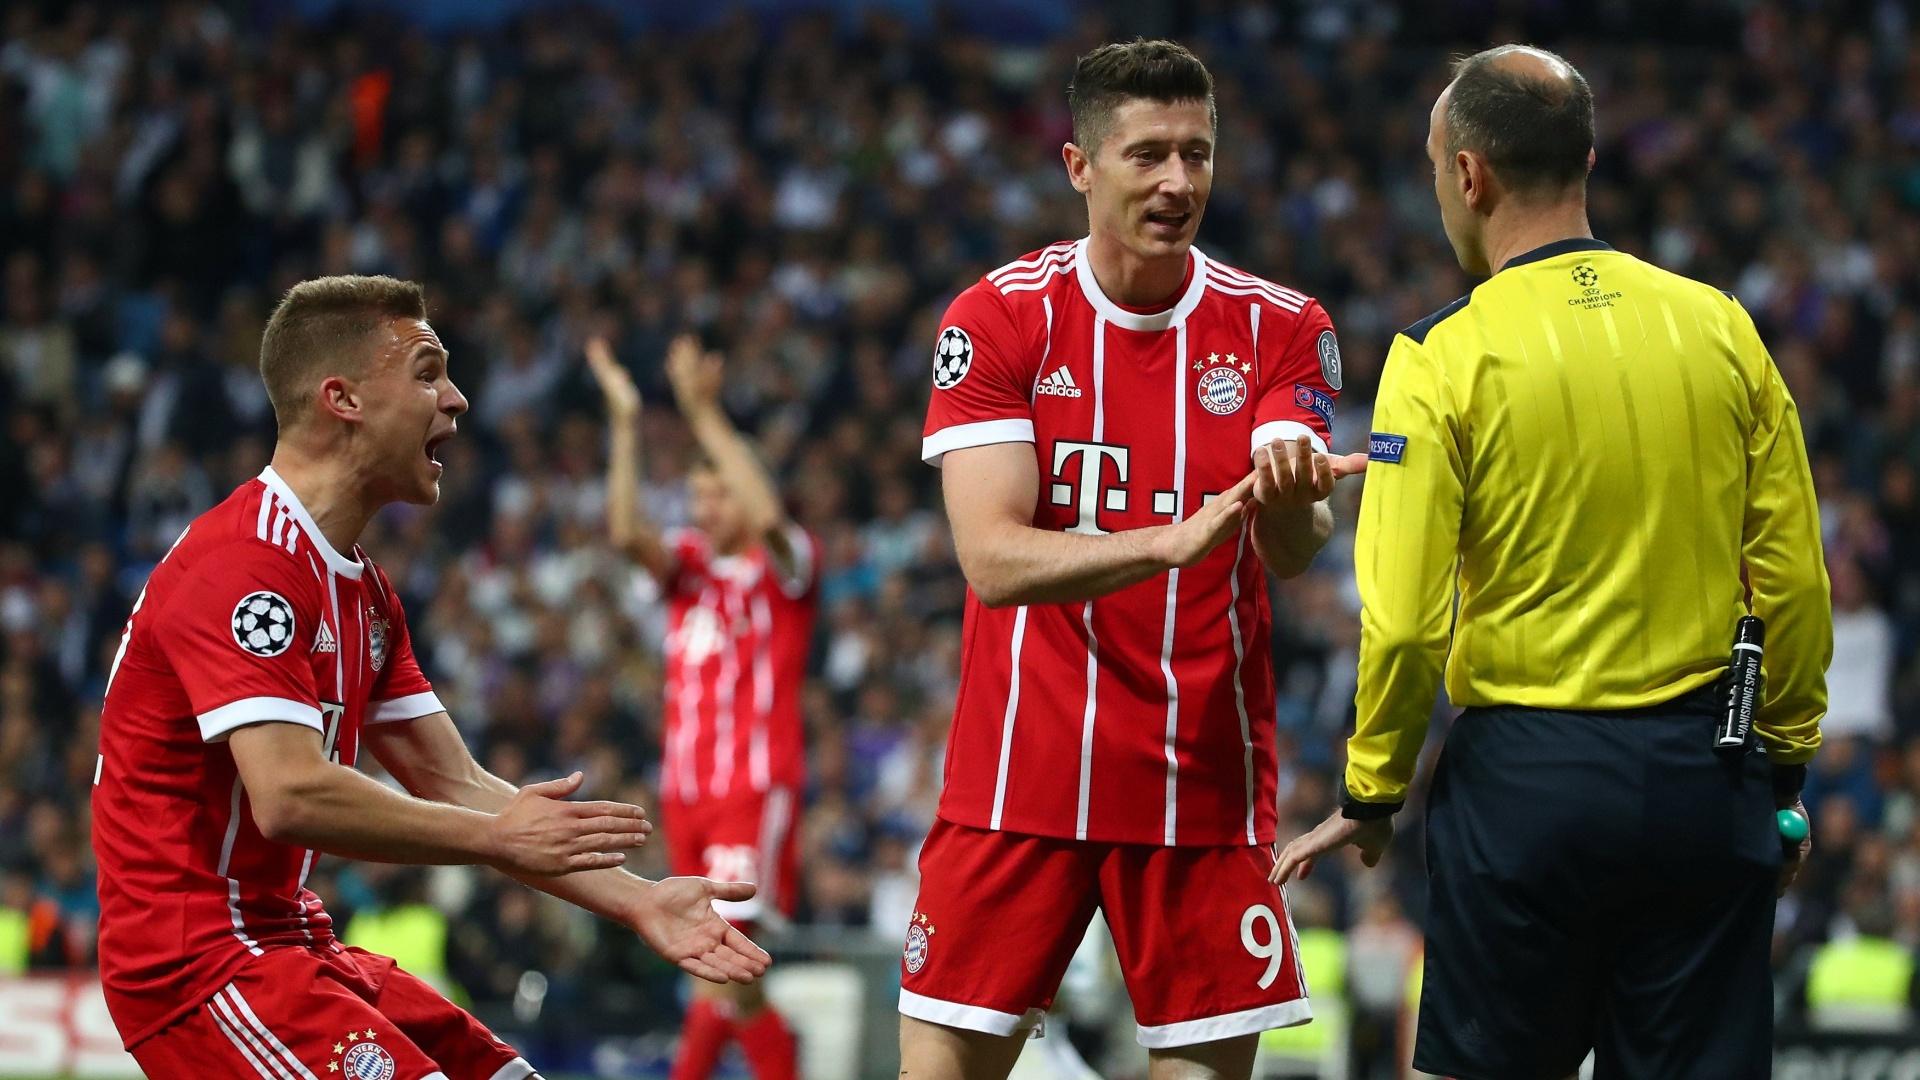 Jogadores do Bayern pedem pênalti após a bola tocar na mão de Marcelo dentro da área do Real Madrid